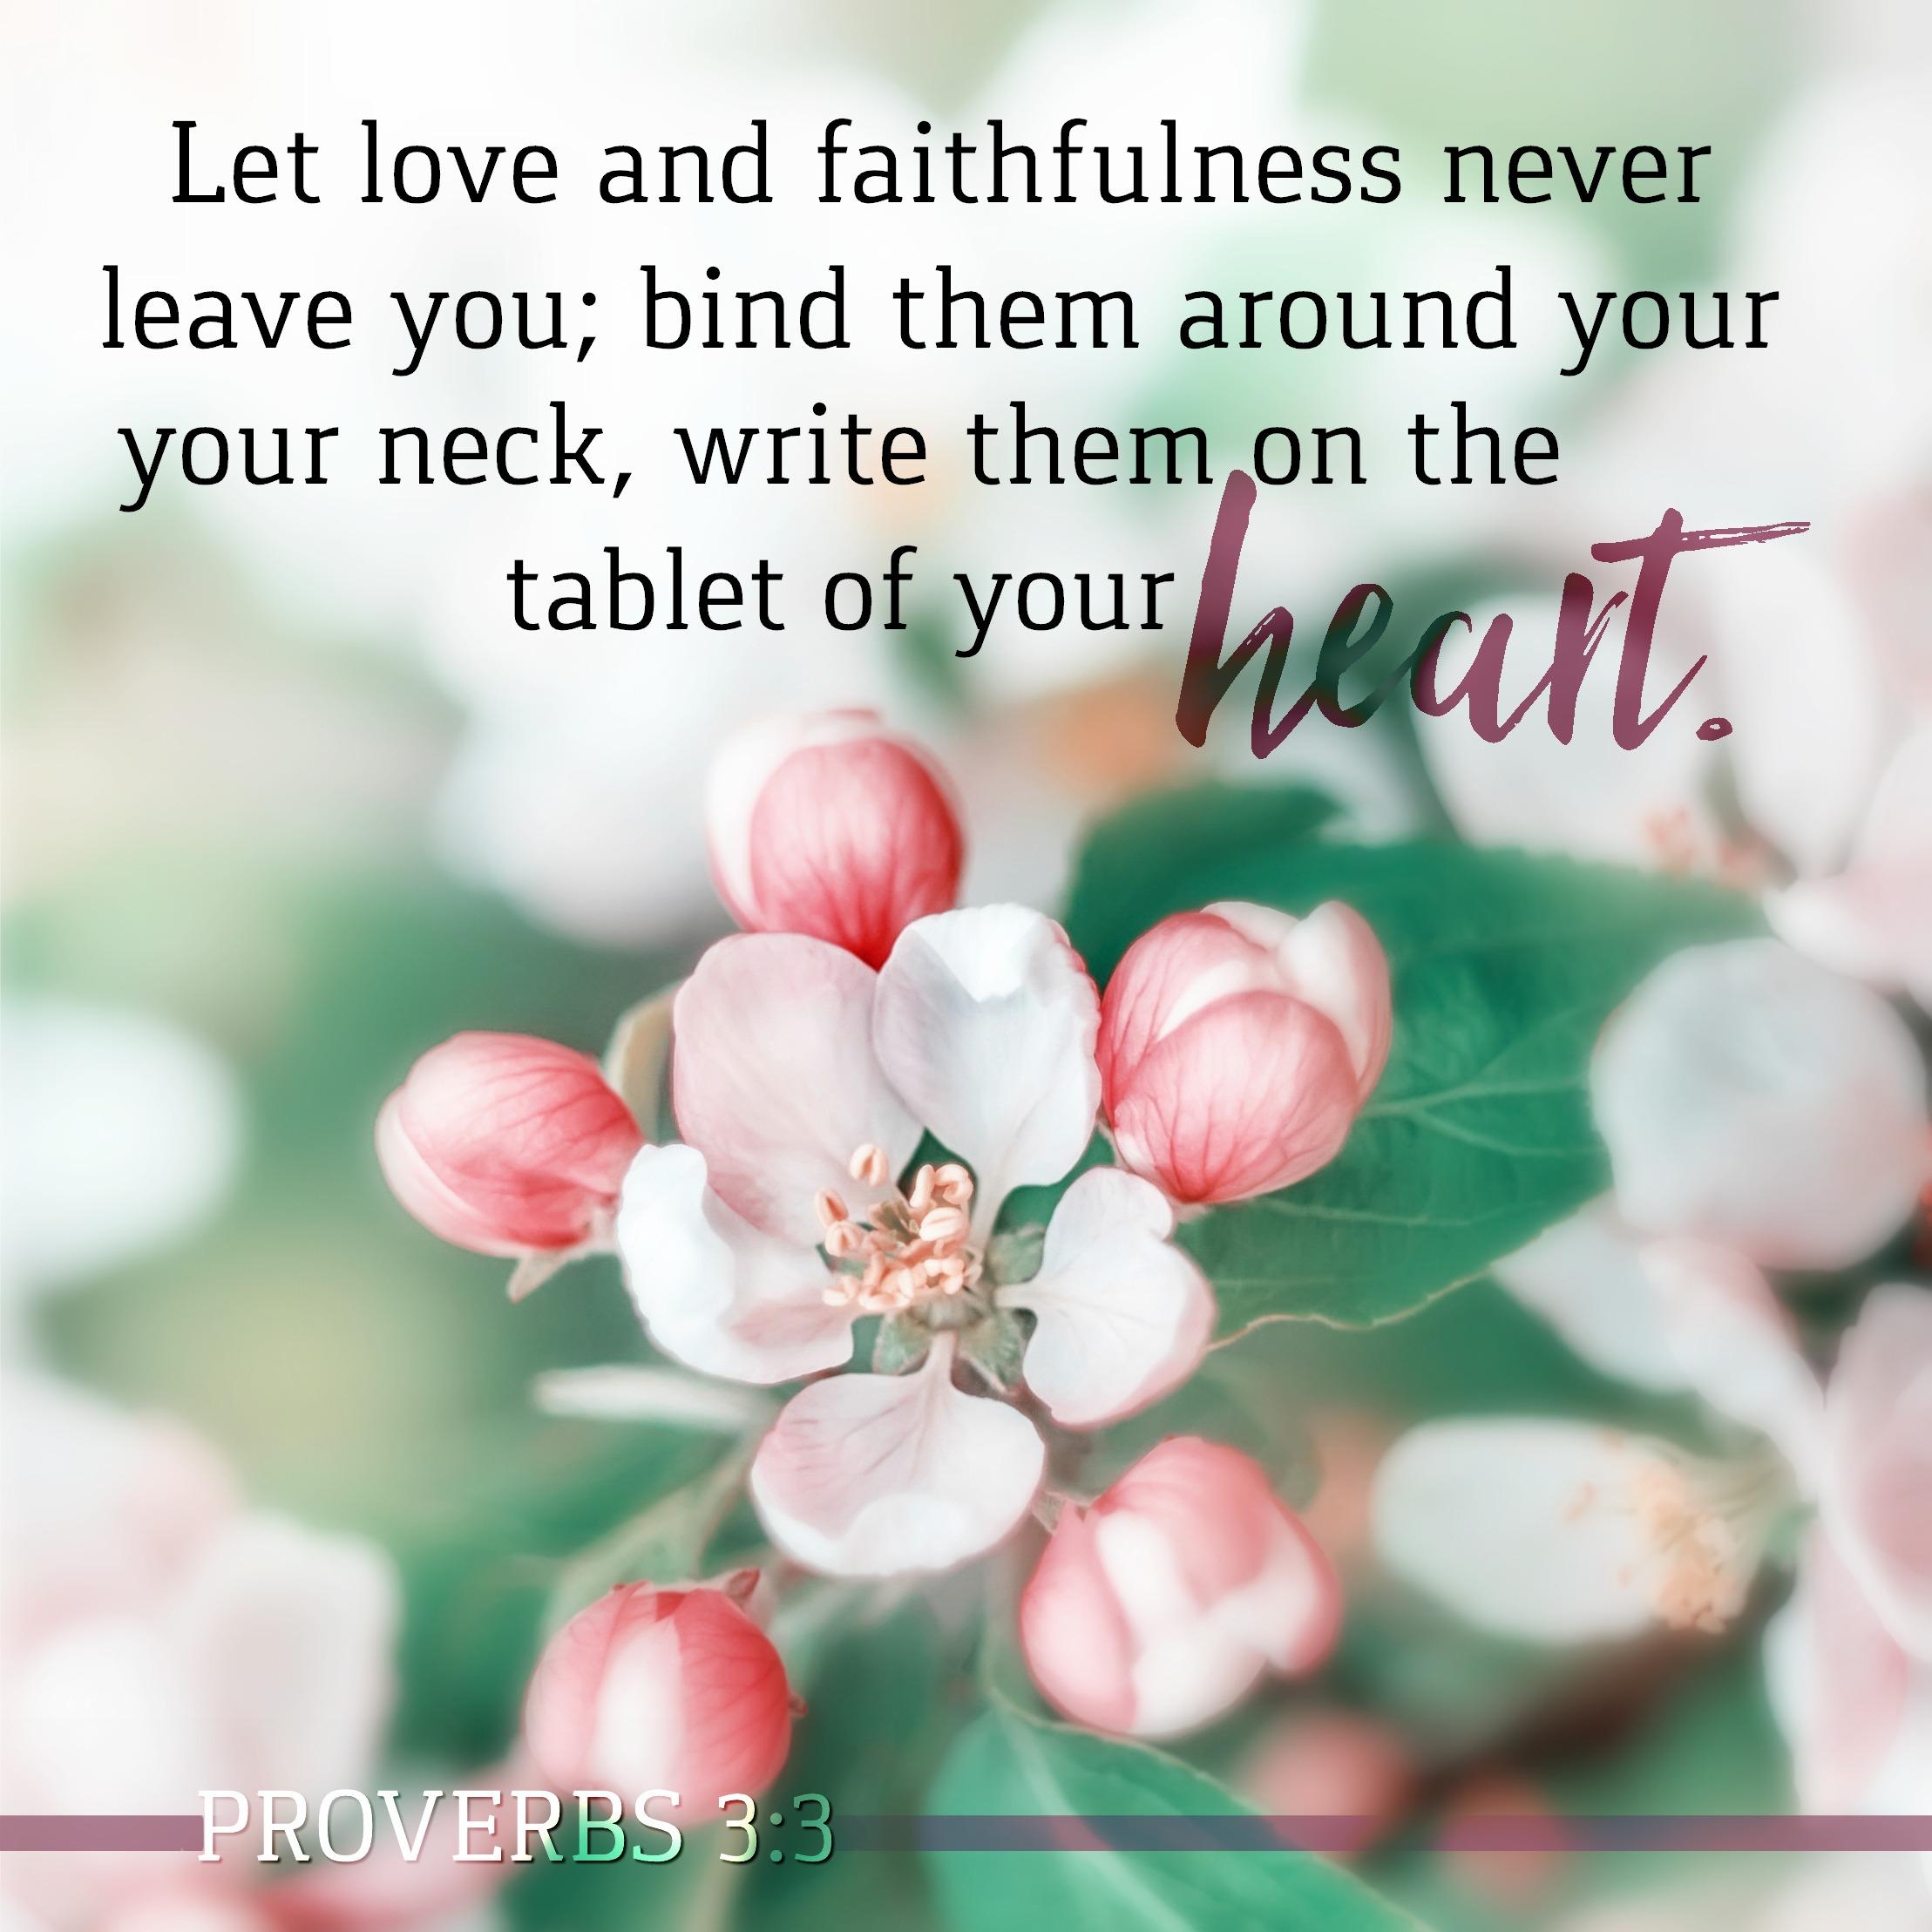 Proverbs 3:3